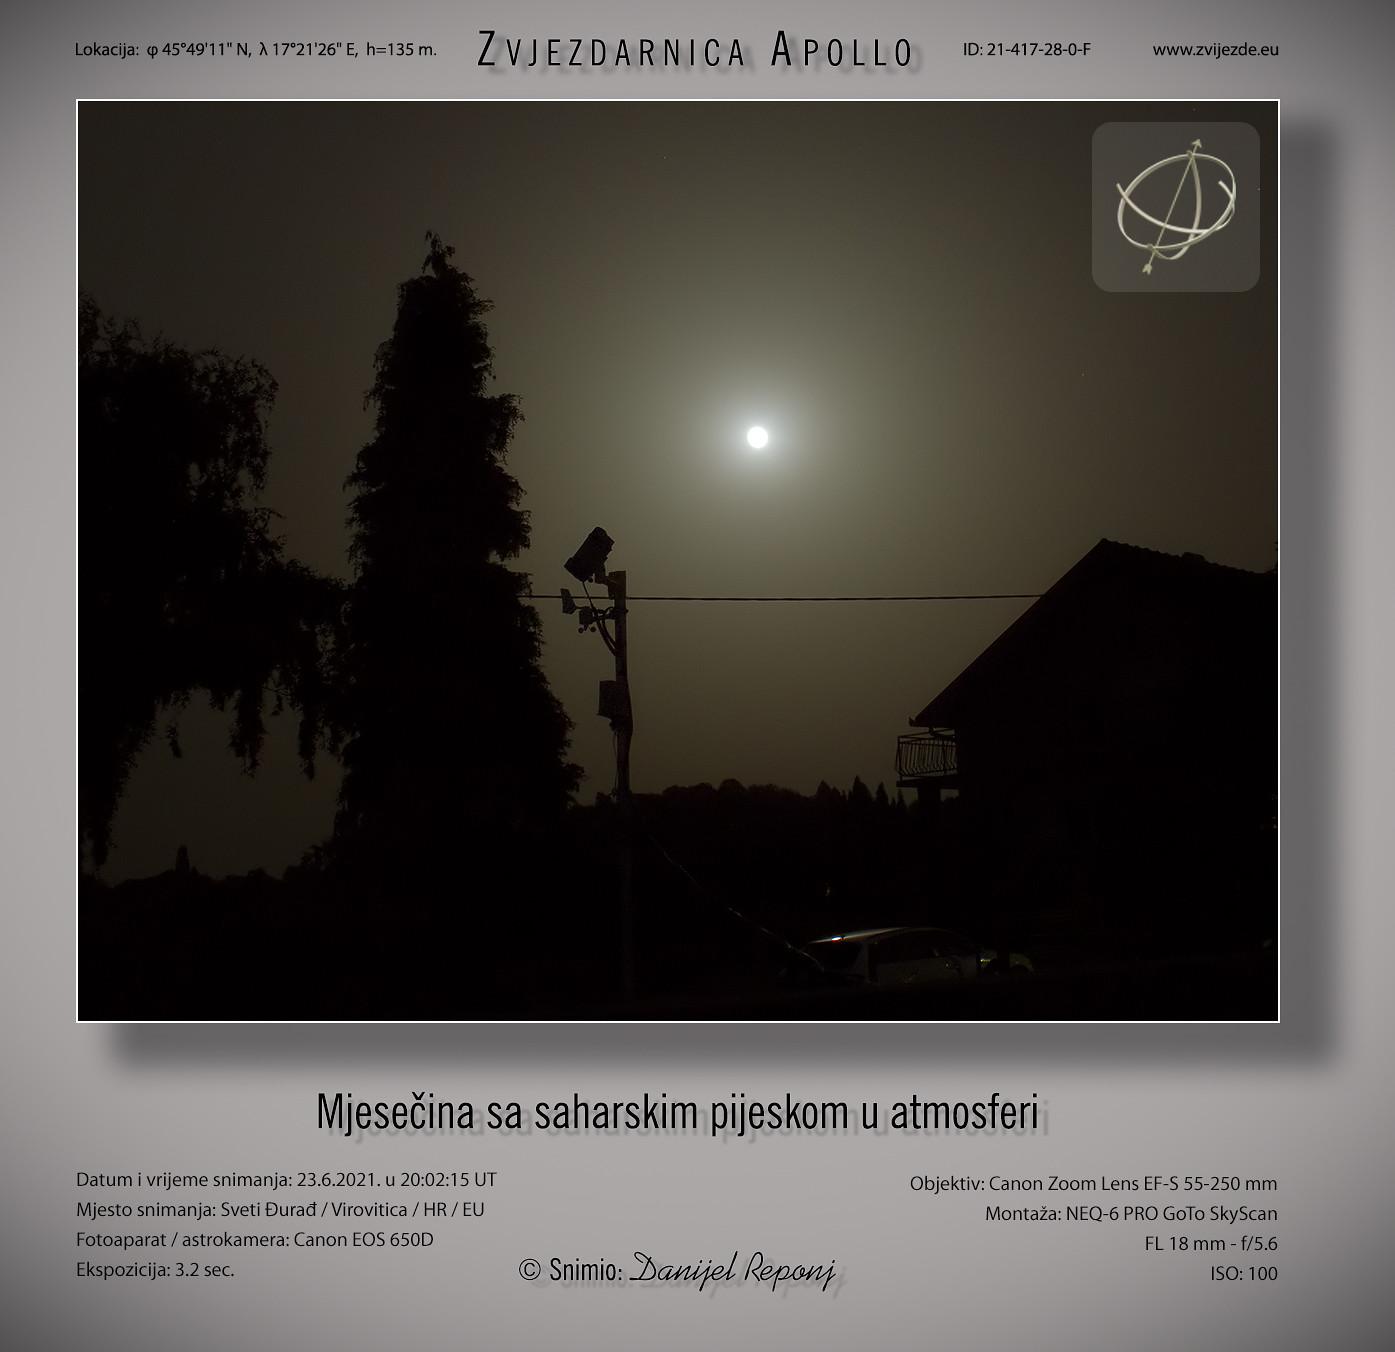 Mjesečina sa saharskim pijeskom u atmosferi, 23.6.2021.